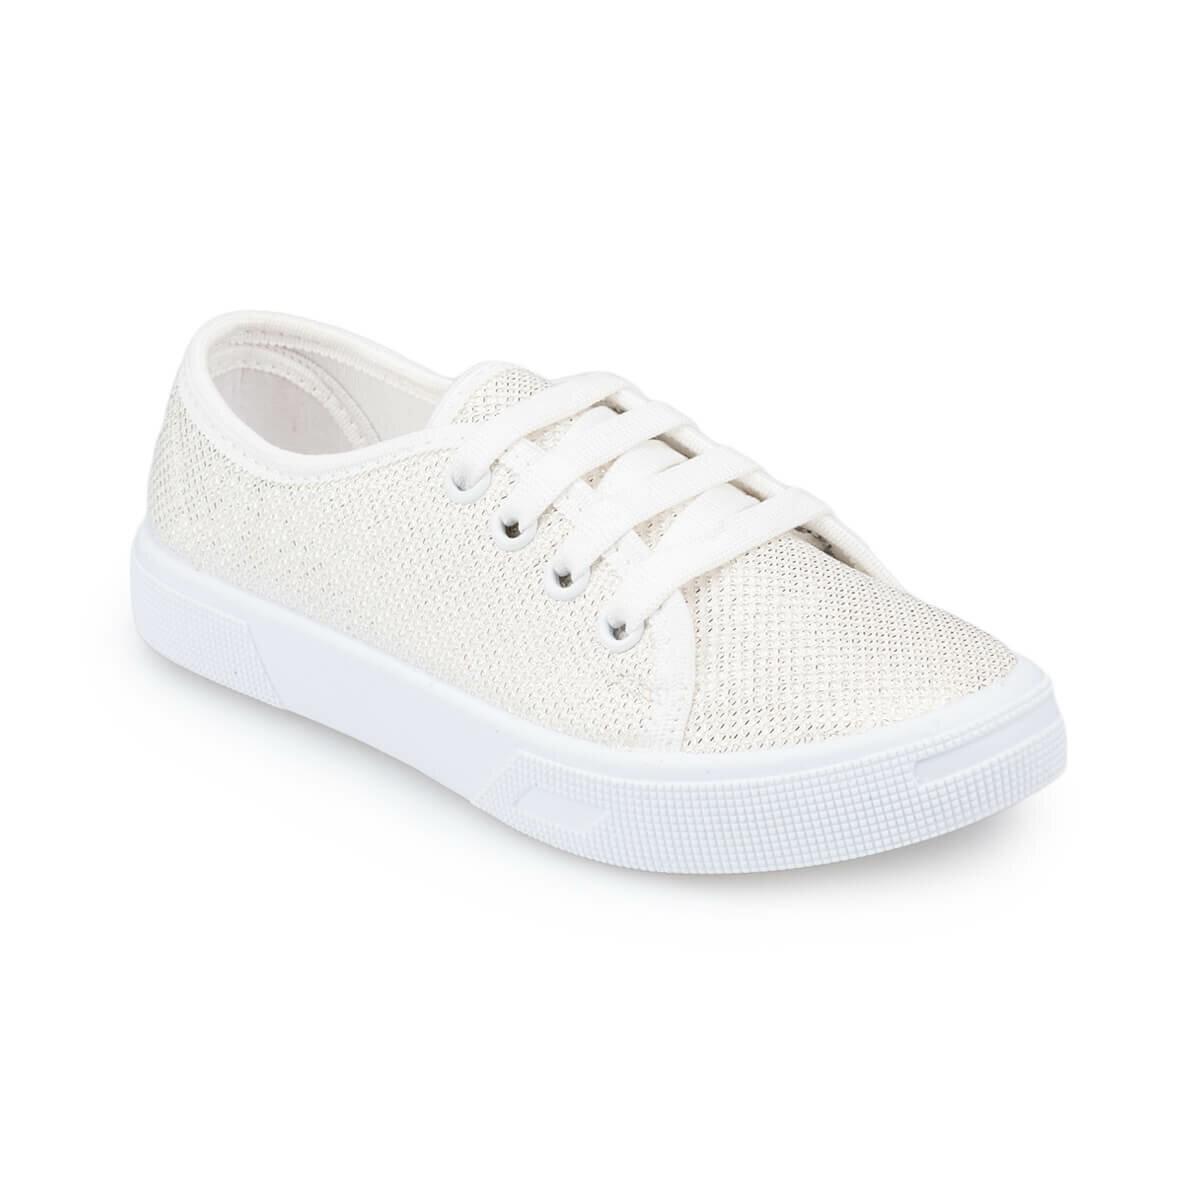 FLO 91.509151.F White Female Child Sneaker Shoes Polaris